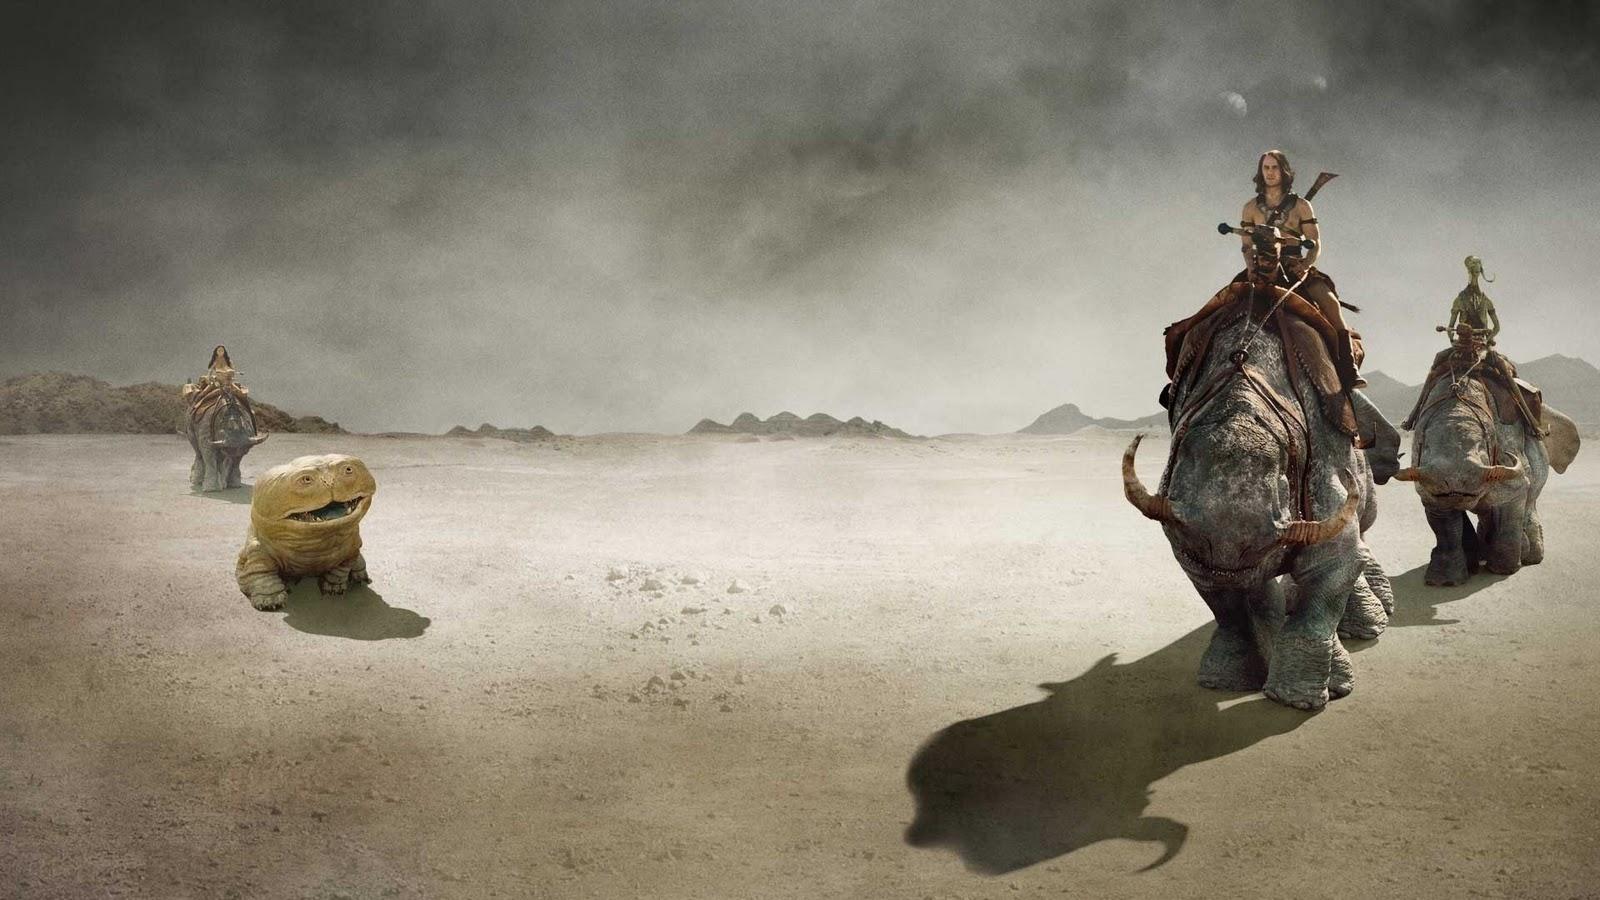 http://3.bp.blogspot.com/-E6pT5faB_uA/Tye7GatiDaI/AAAAAAAAAtA/RapGLwzlo98/s1600/John-Carter-Movie-Wallpaper-1080p.jpg